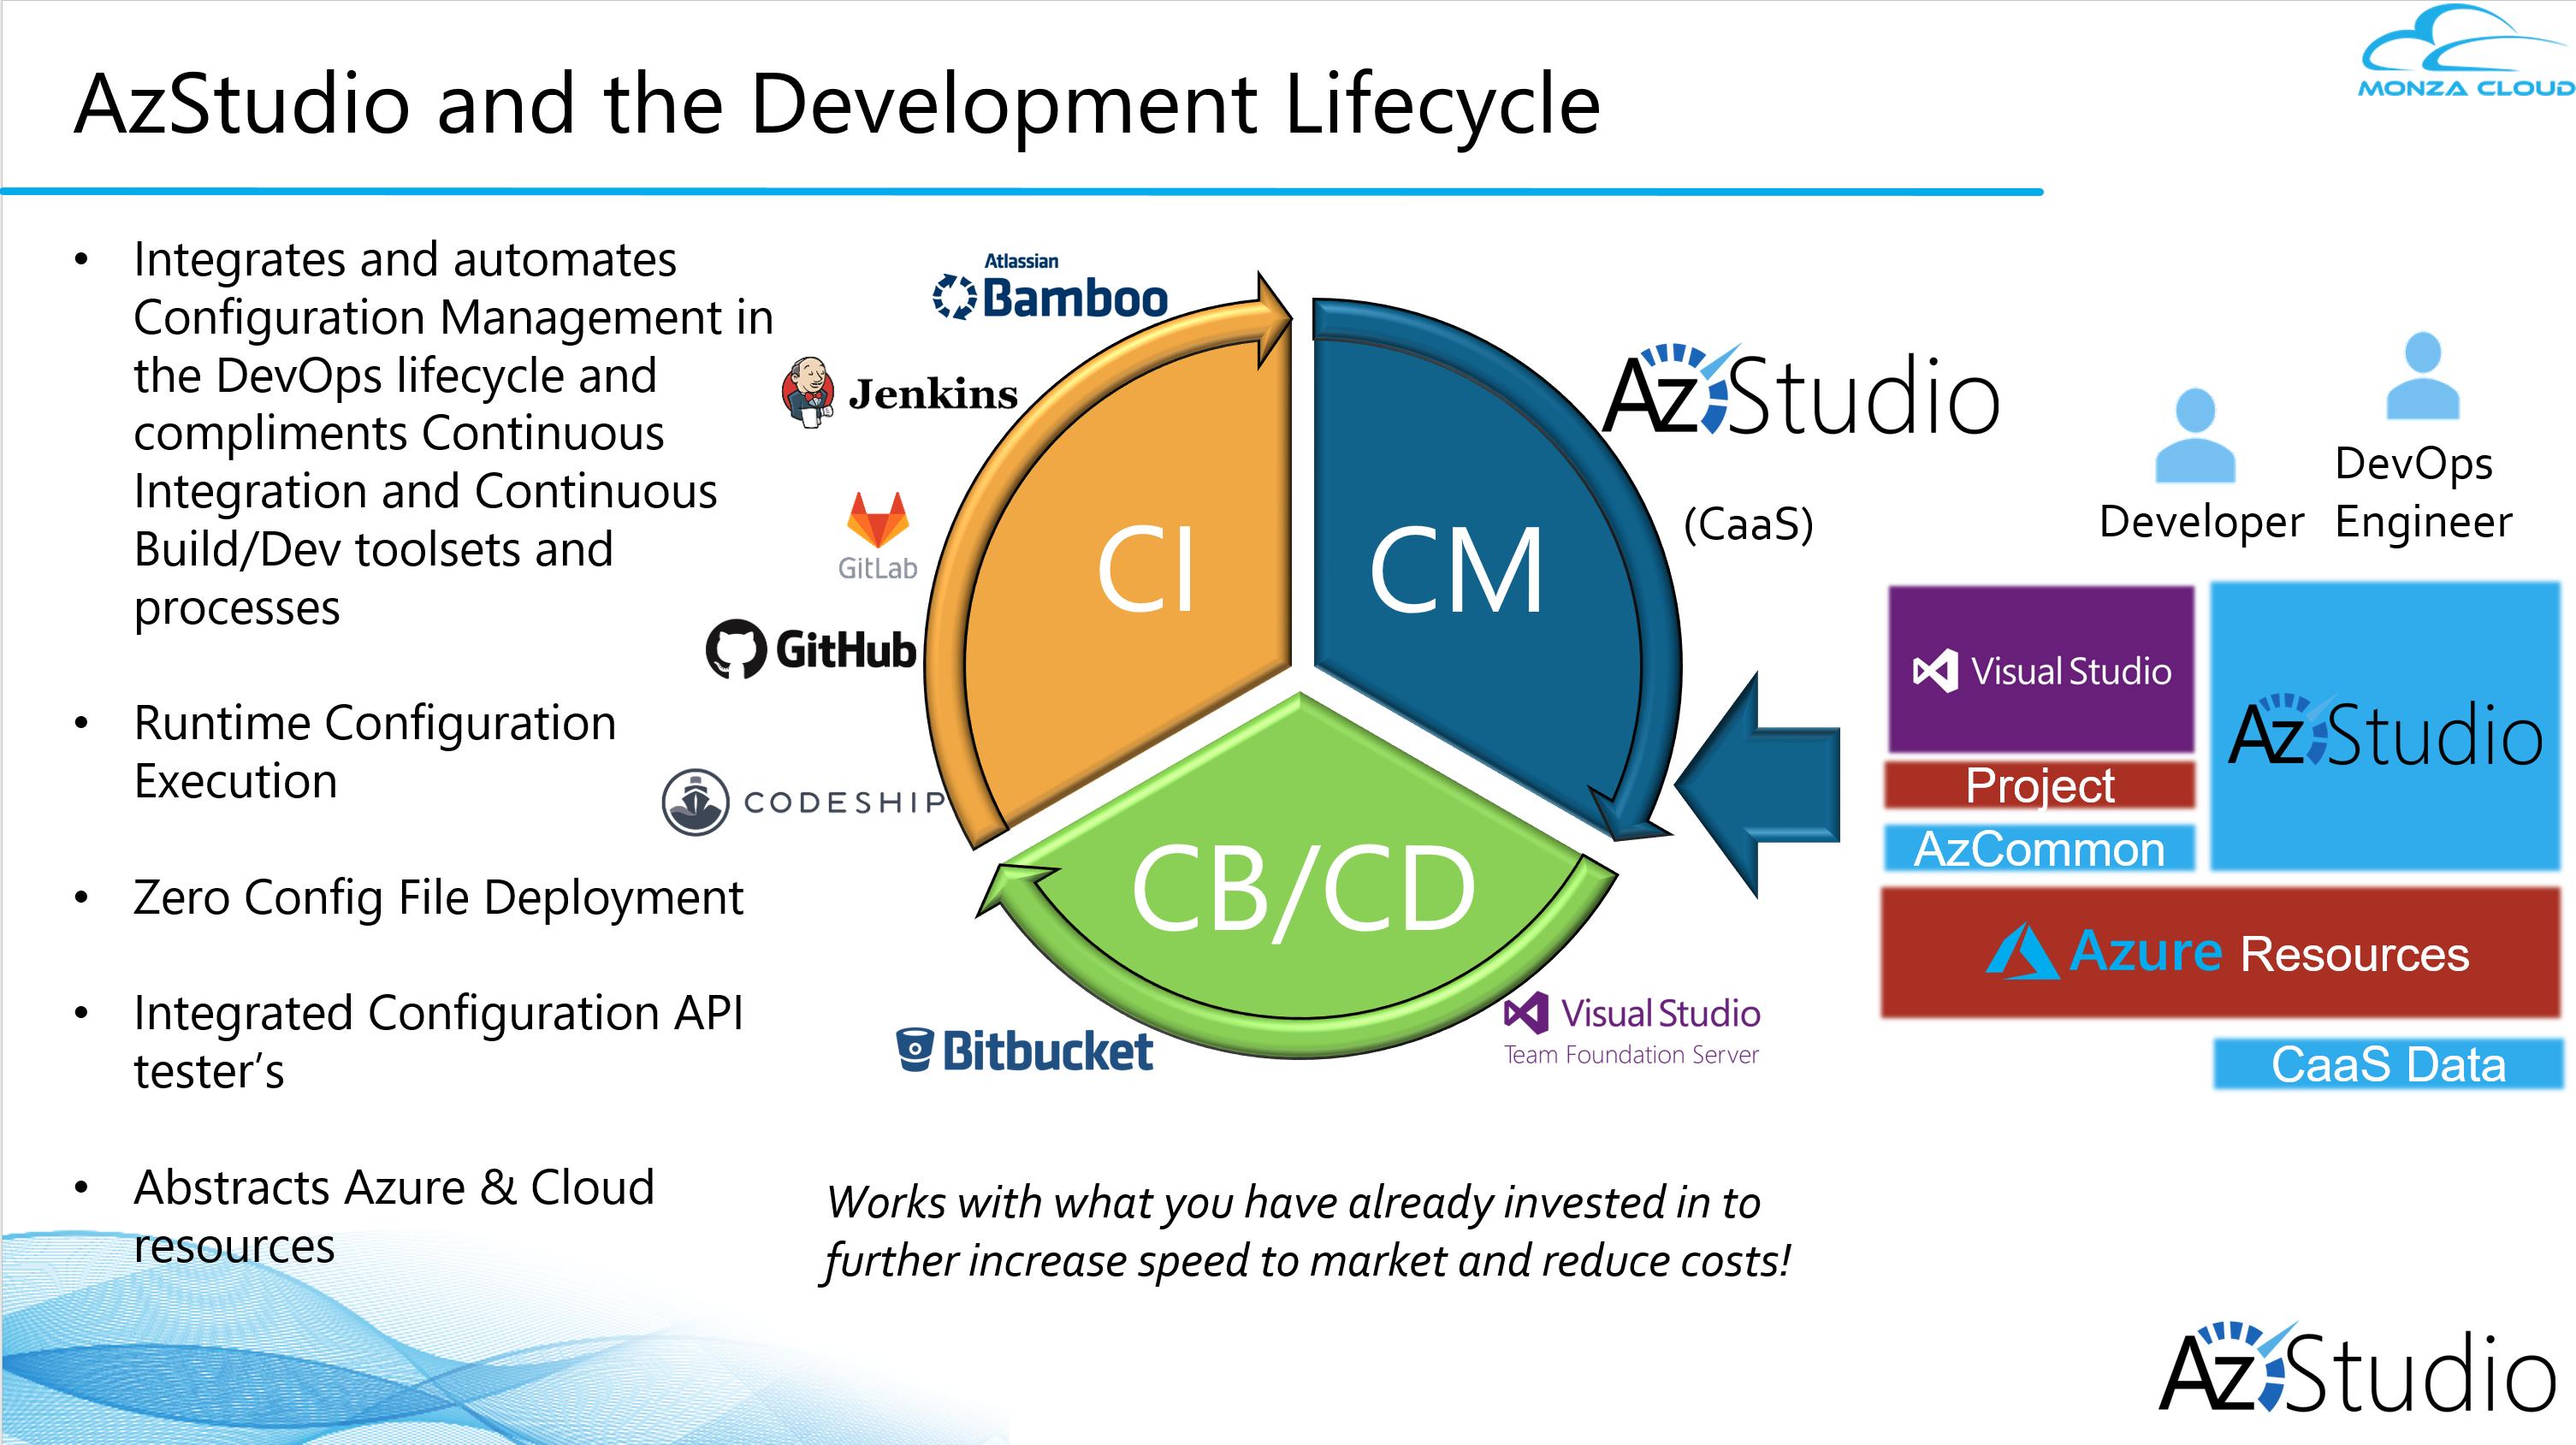 AzStudio Demo - AzStudio and the DevOps Lifecycle